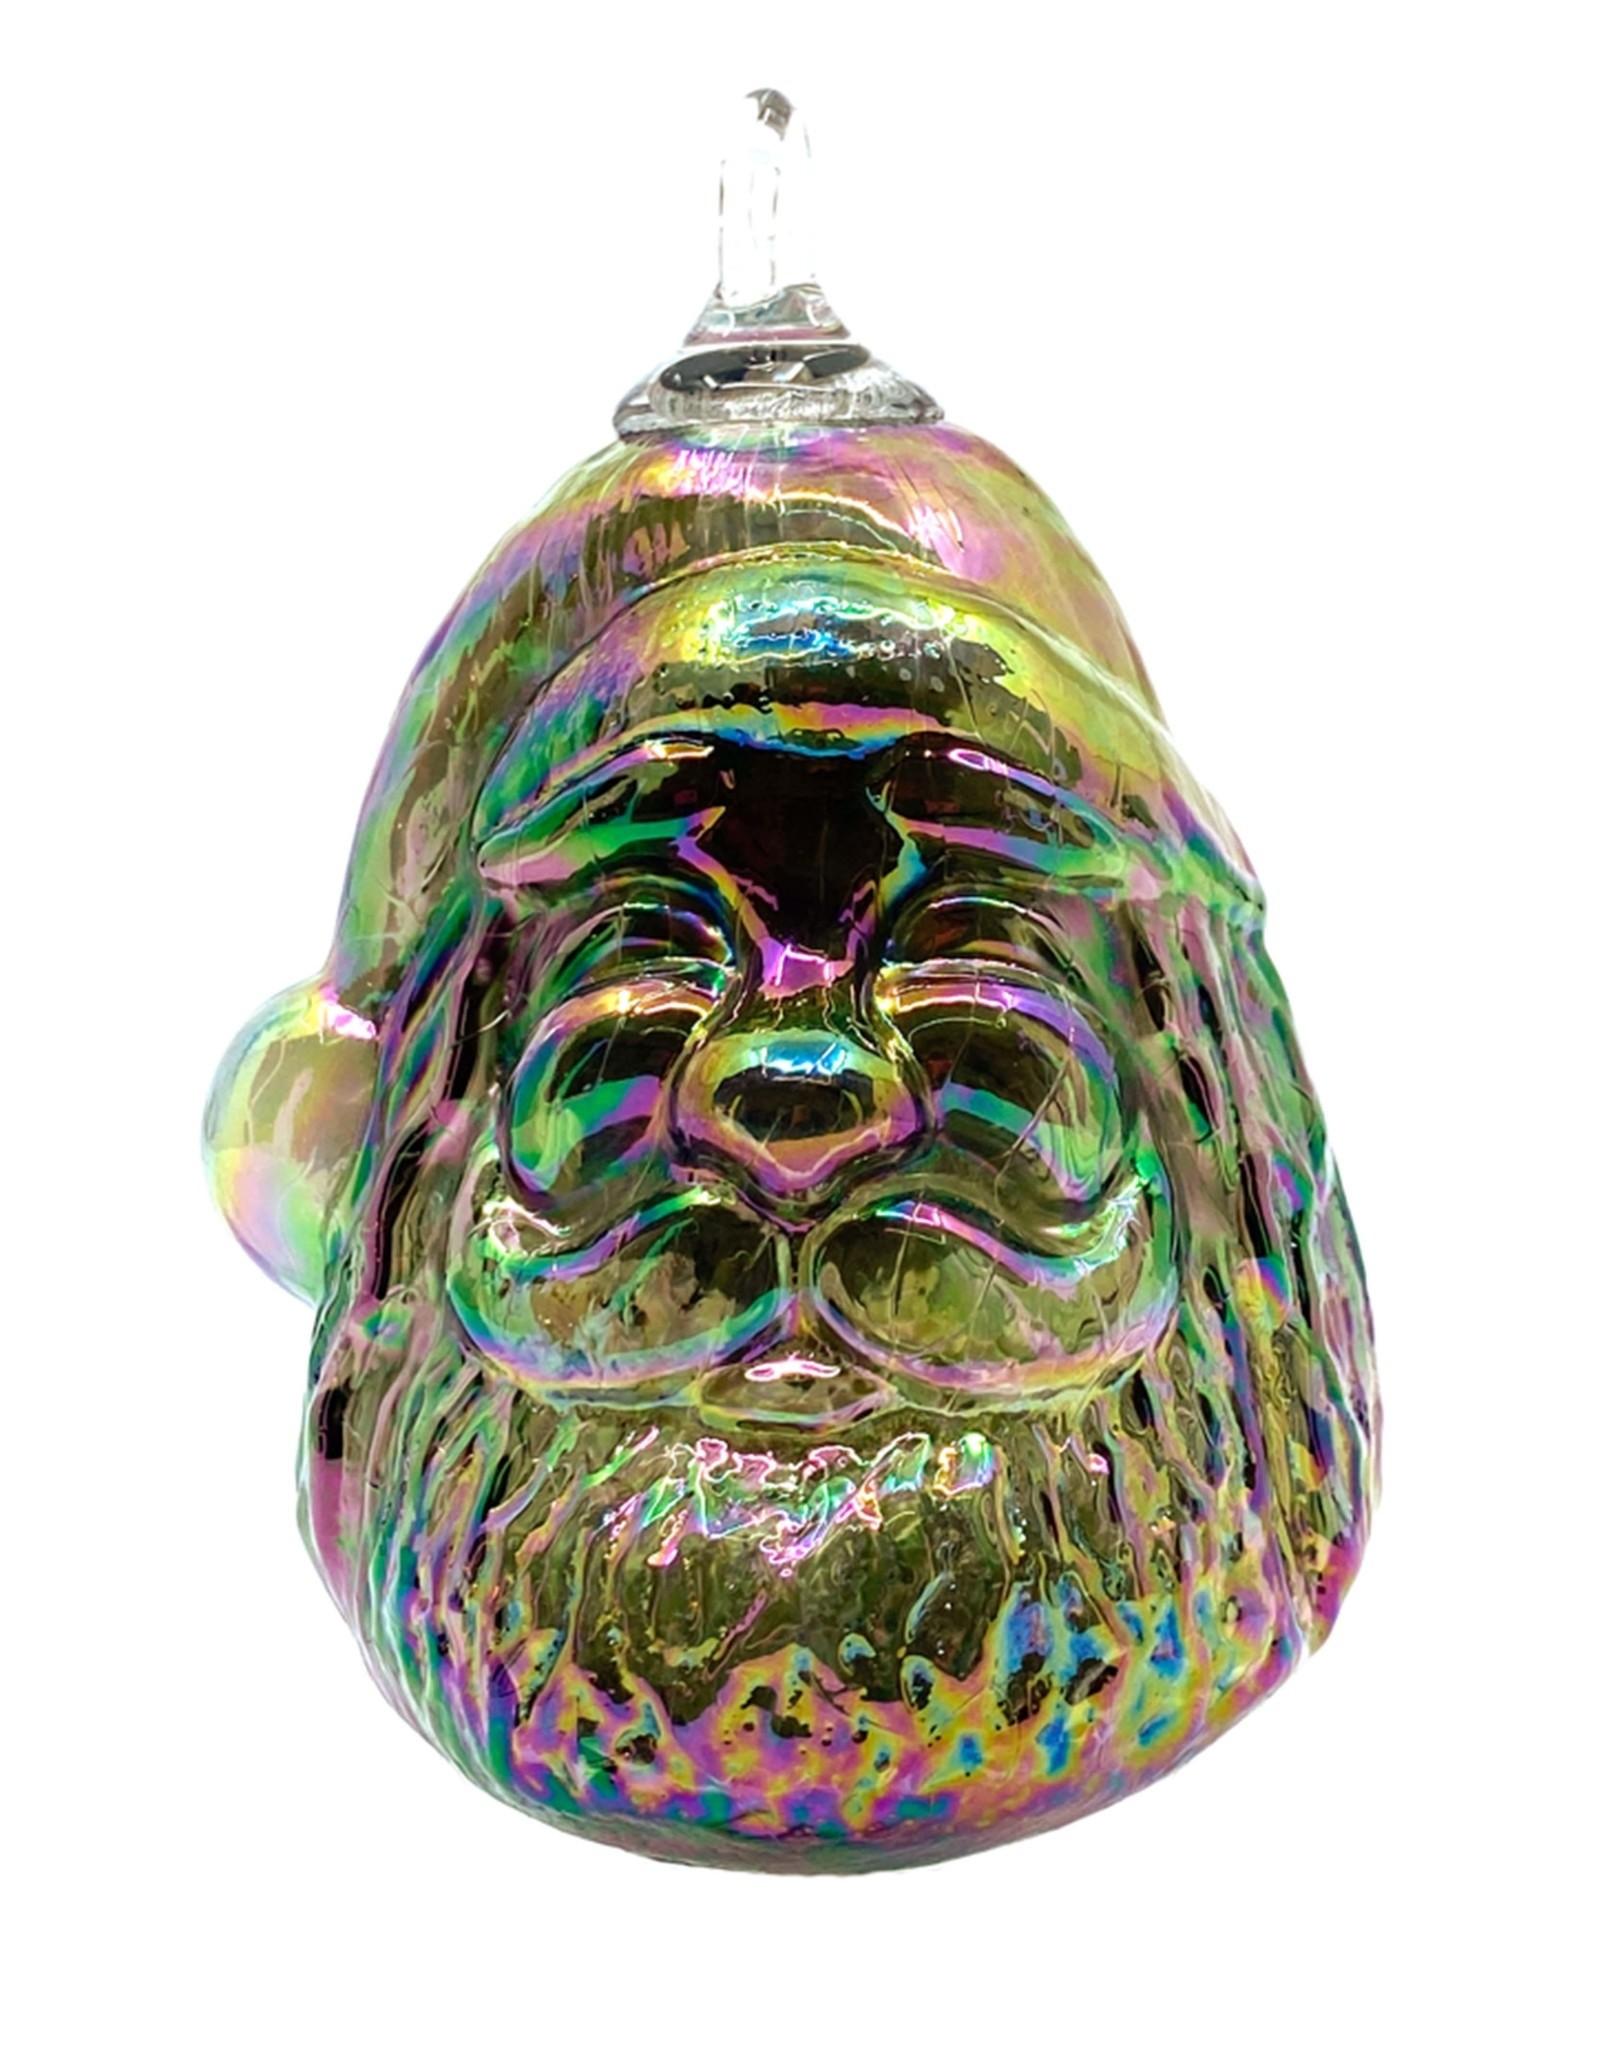 GLASS EYE COAL LUSTER SECRET SANTA ORNAMENT